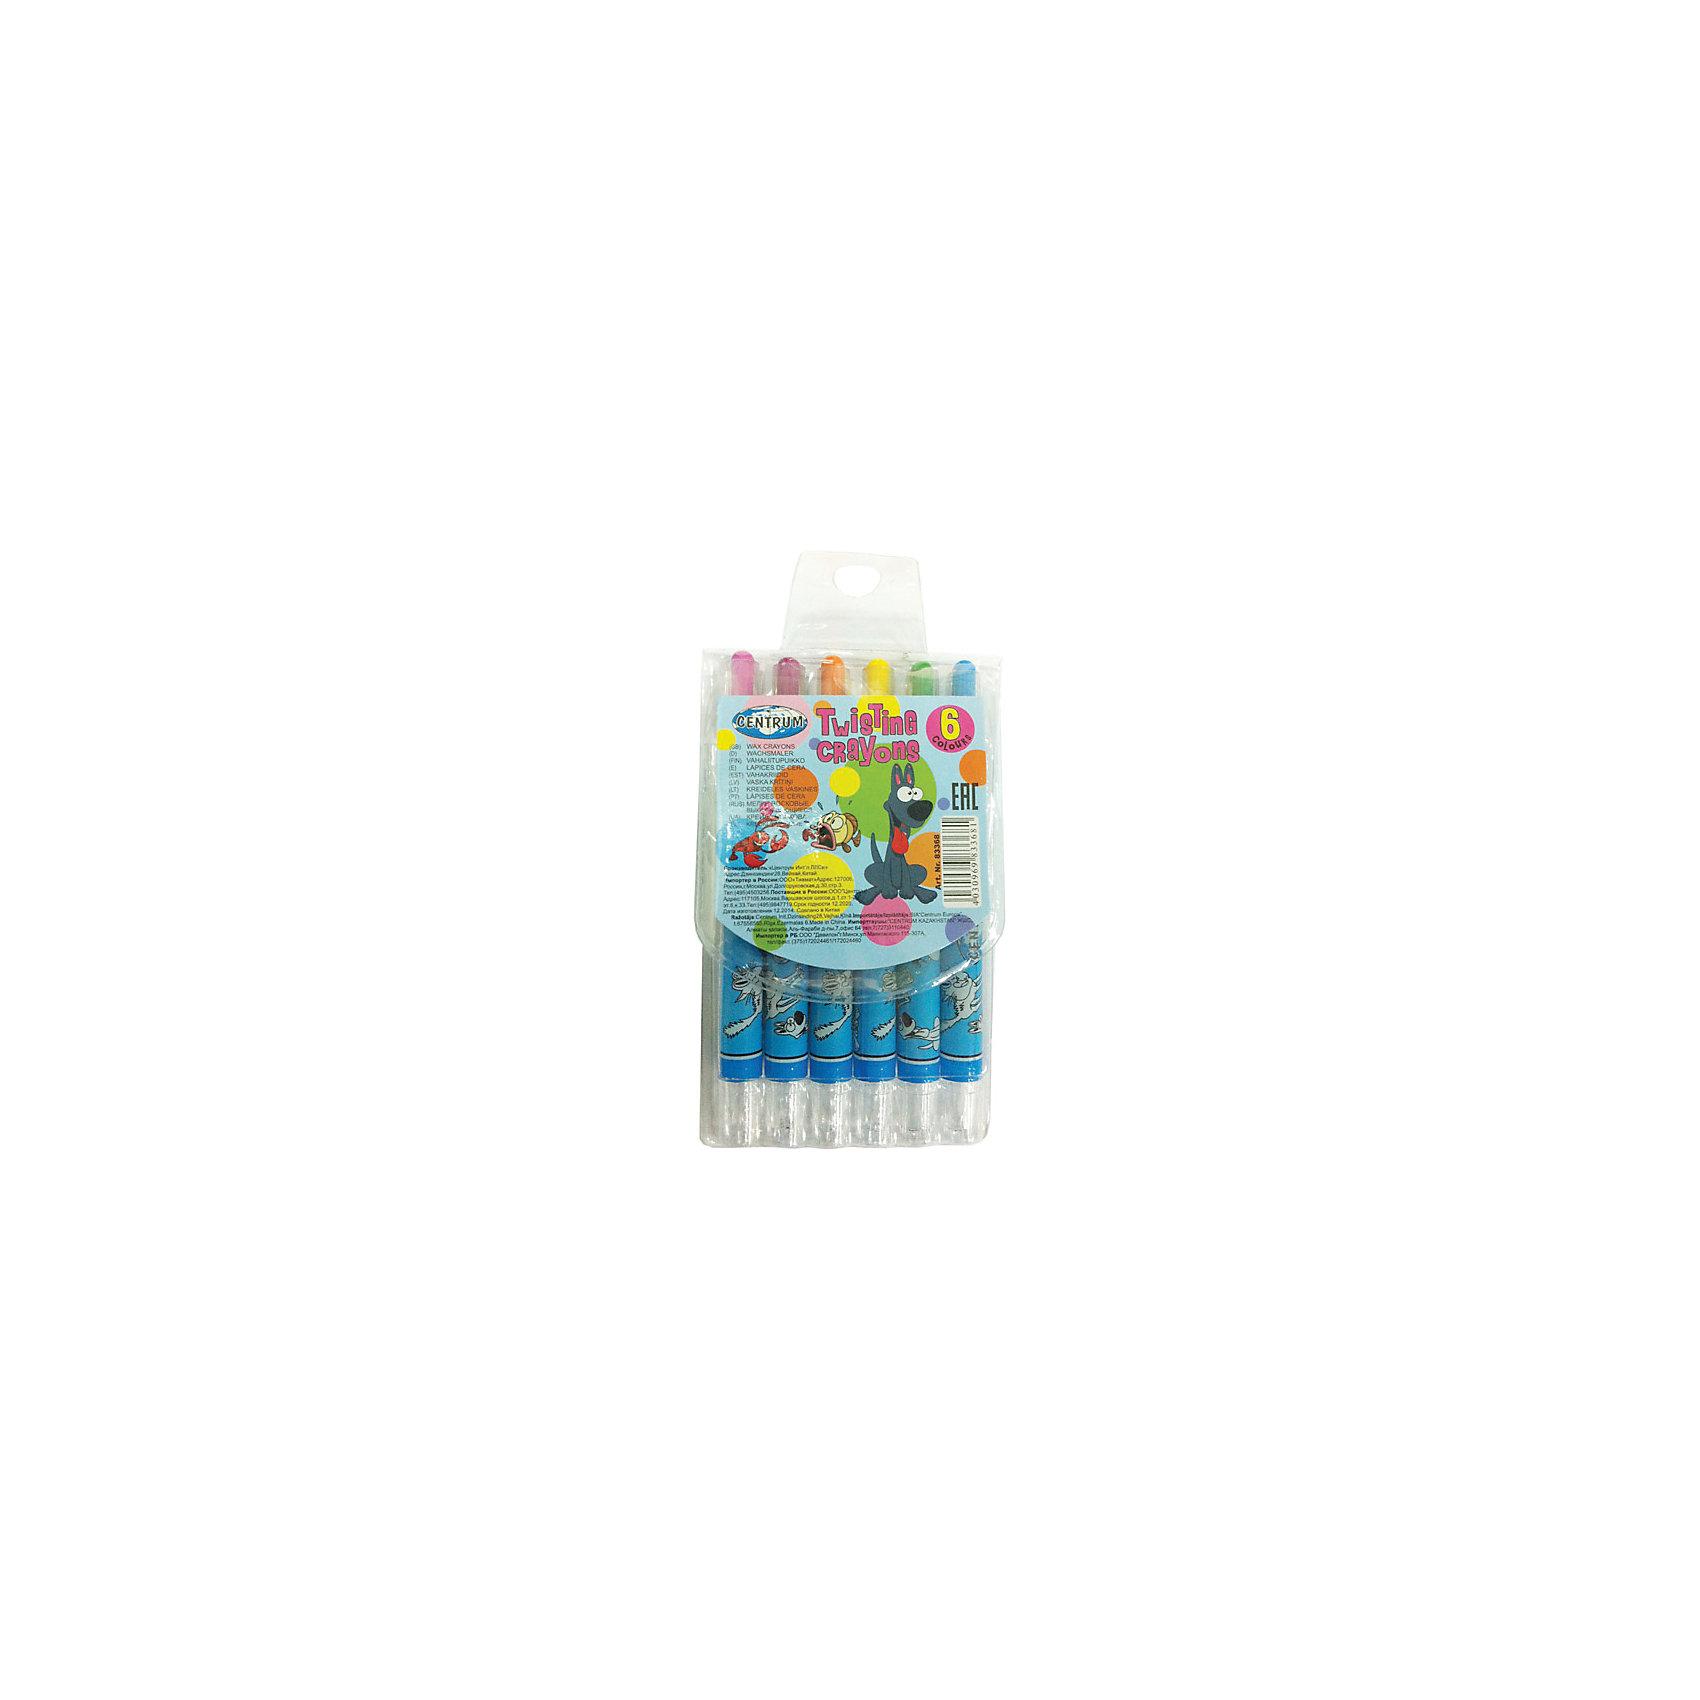 CENTRUM Мелки восковые выдвижные Twist, 6 цветов мелки centrum мелки пастельные масляные 6 цветов